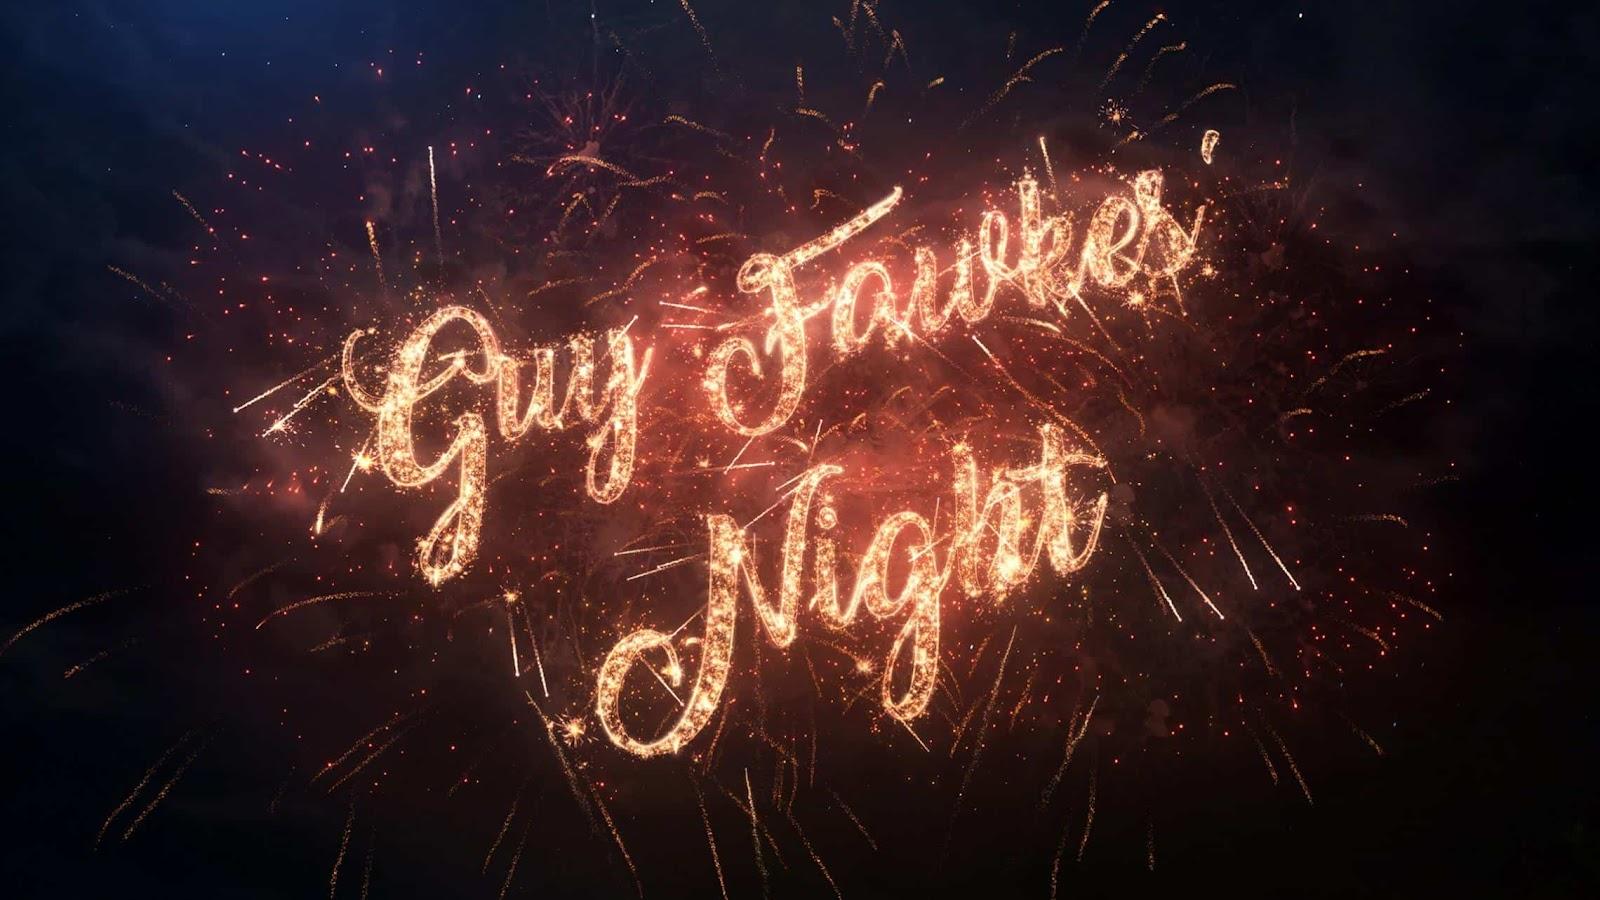 Лучшие места фейерверков в ночь Гая Фокса в Лондоне | Афиша Лондон